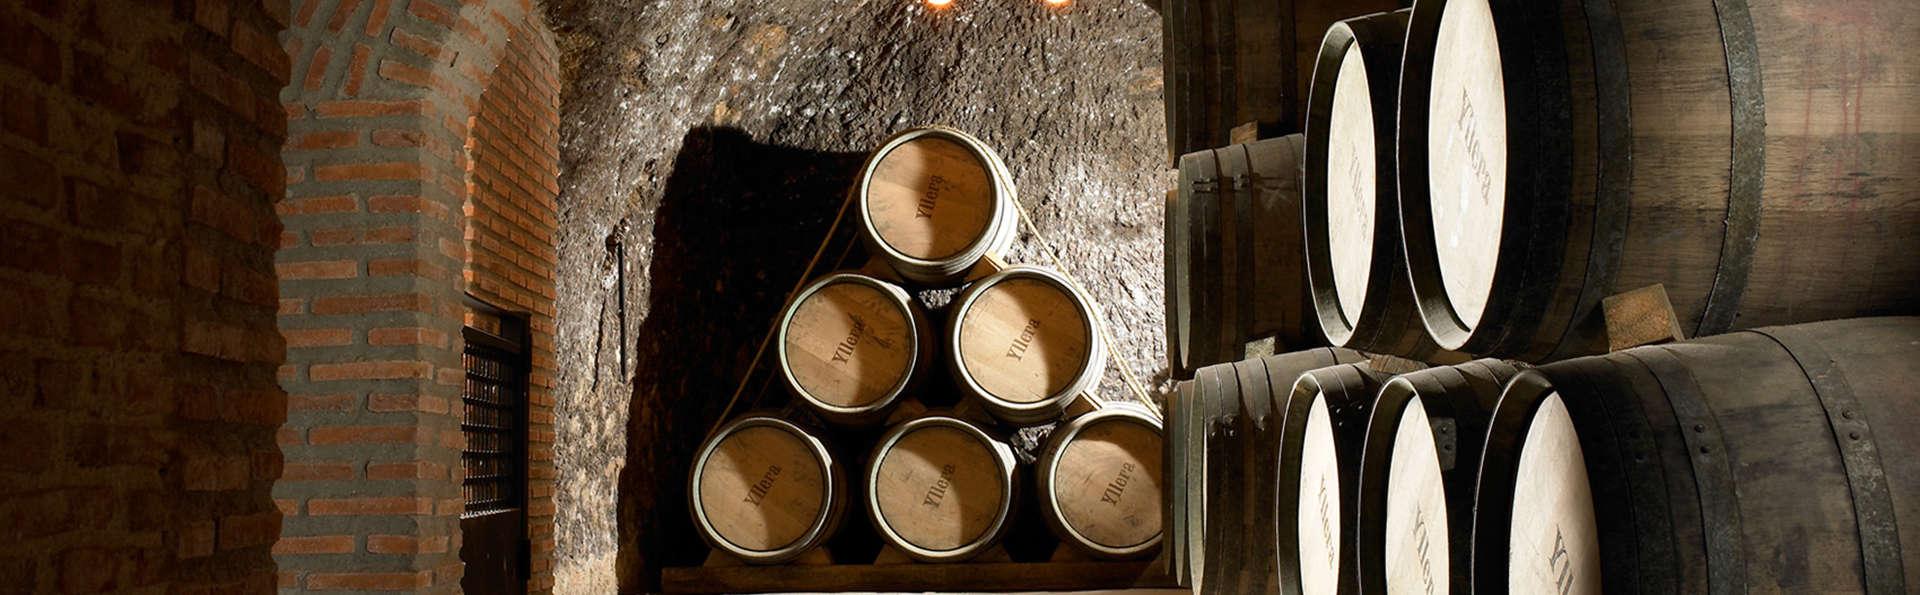 Visitez Valladolid et dégustez le meilleur vin de Castille-et-León dans une bodega